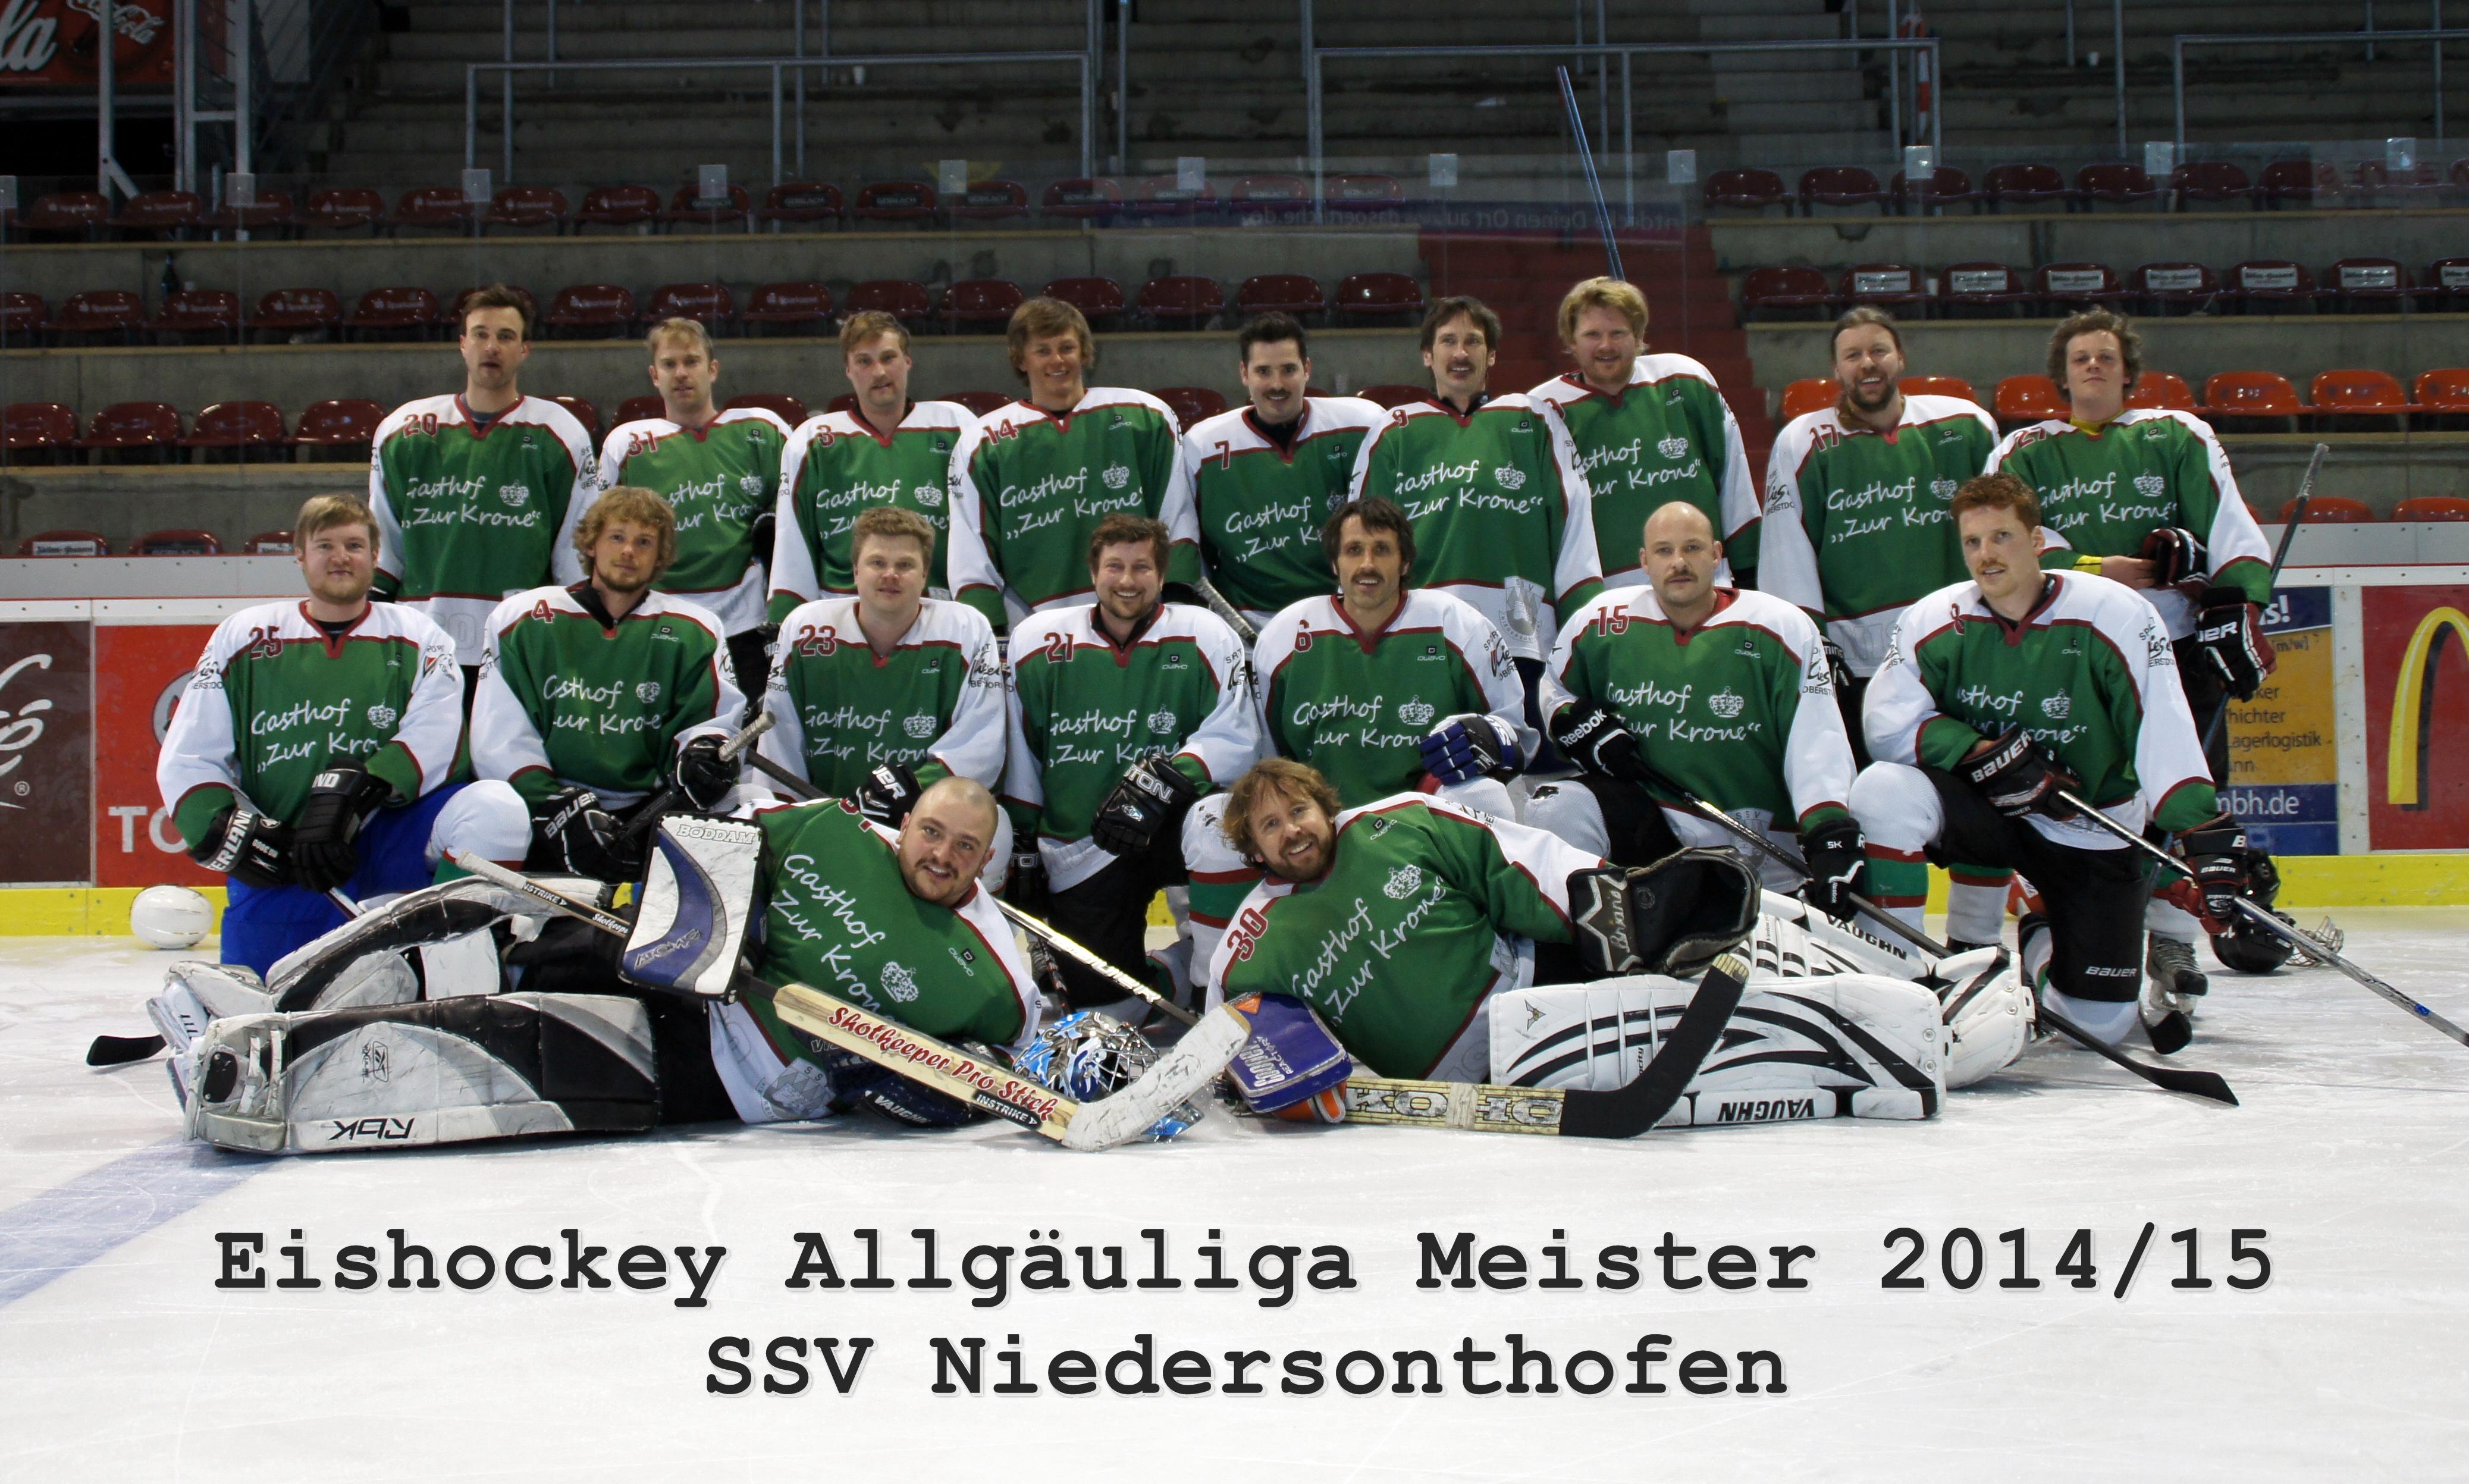 Eishockeymeister